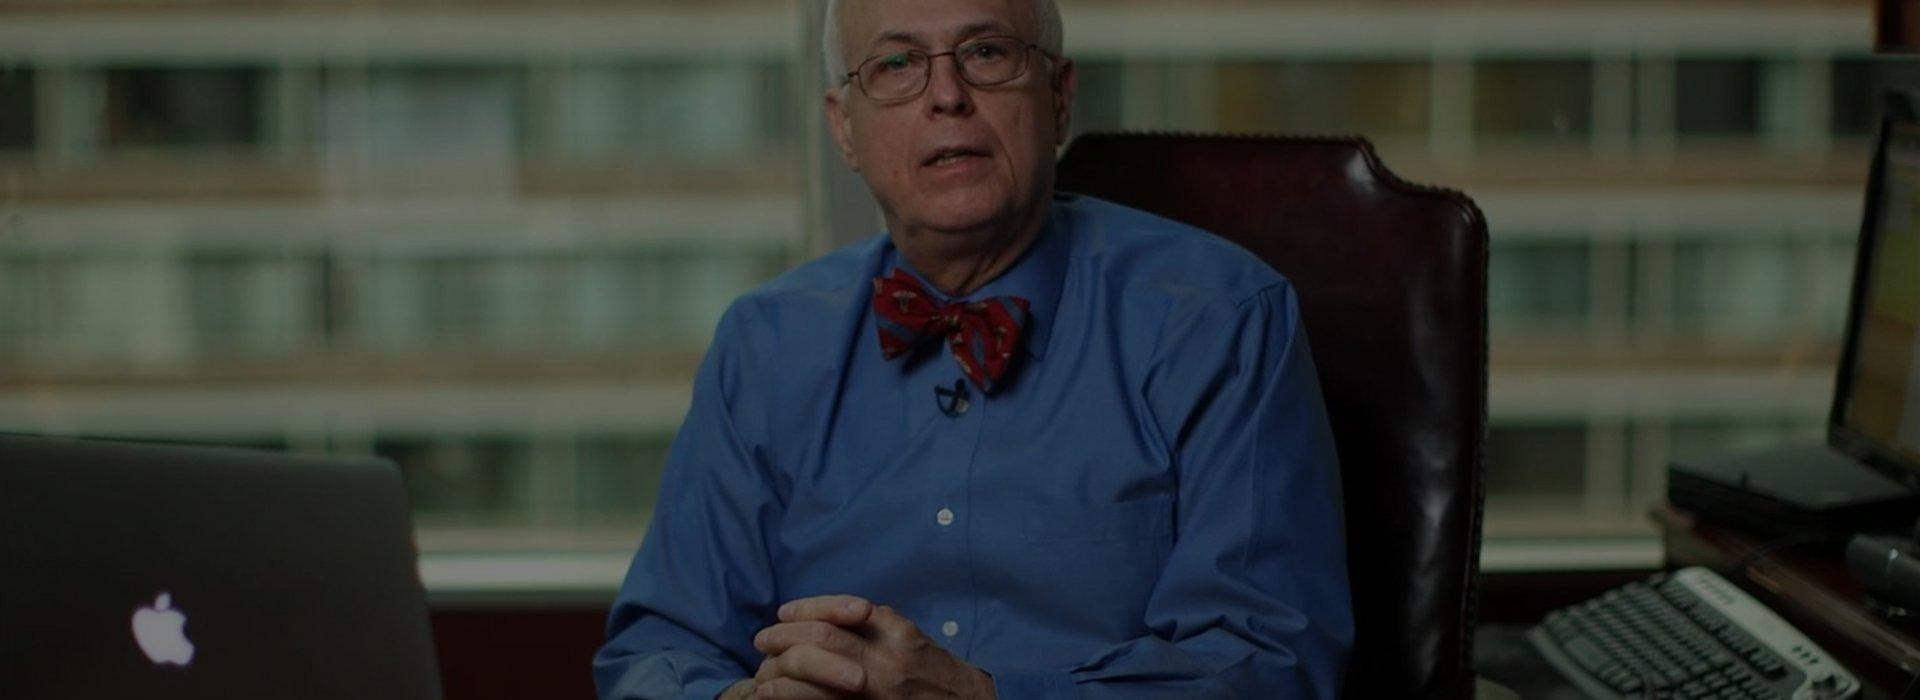 General Surgeon - Dr. Richard Vasquez